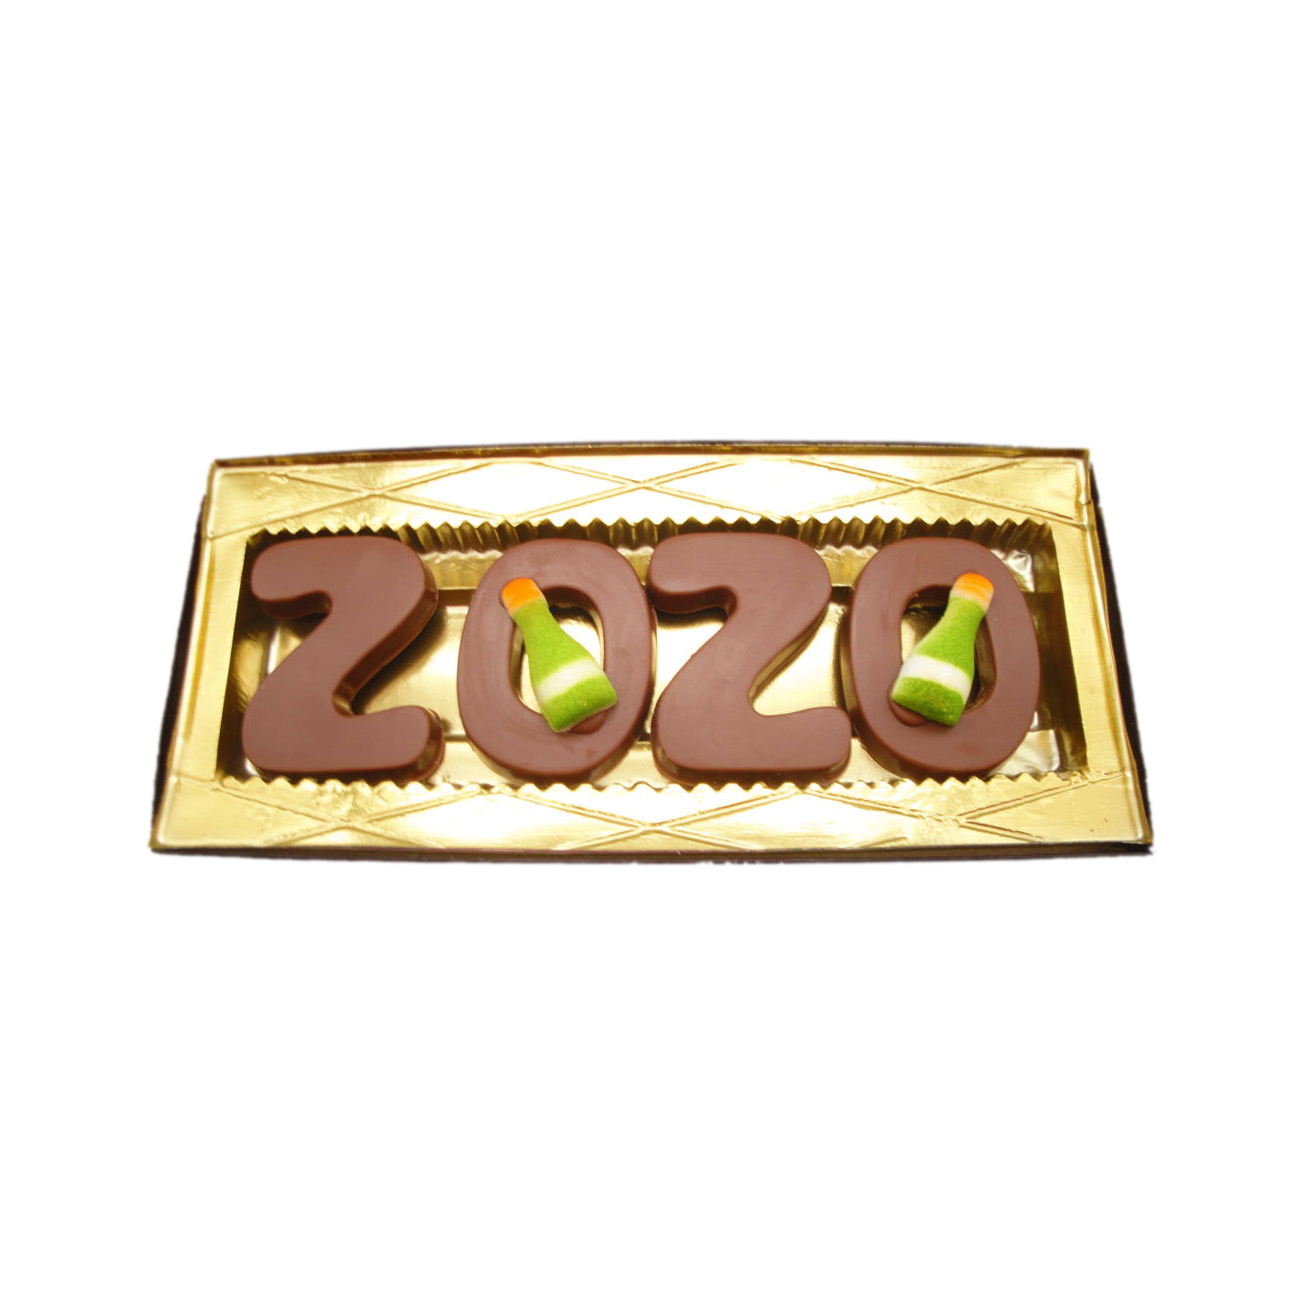 2020 gift box 2